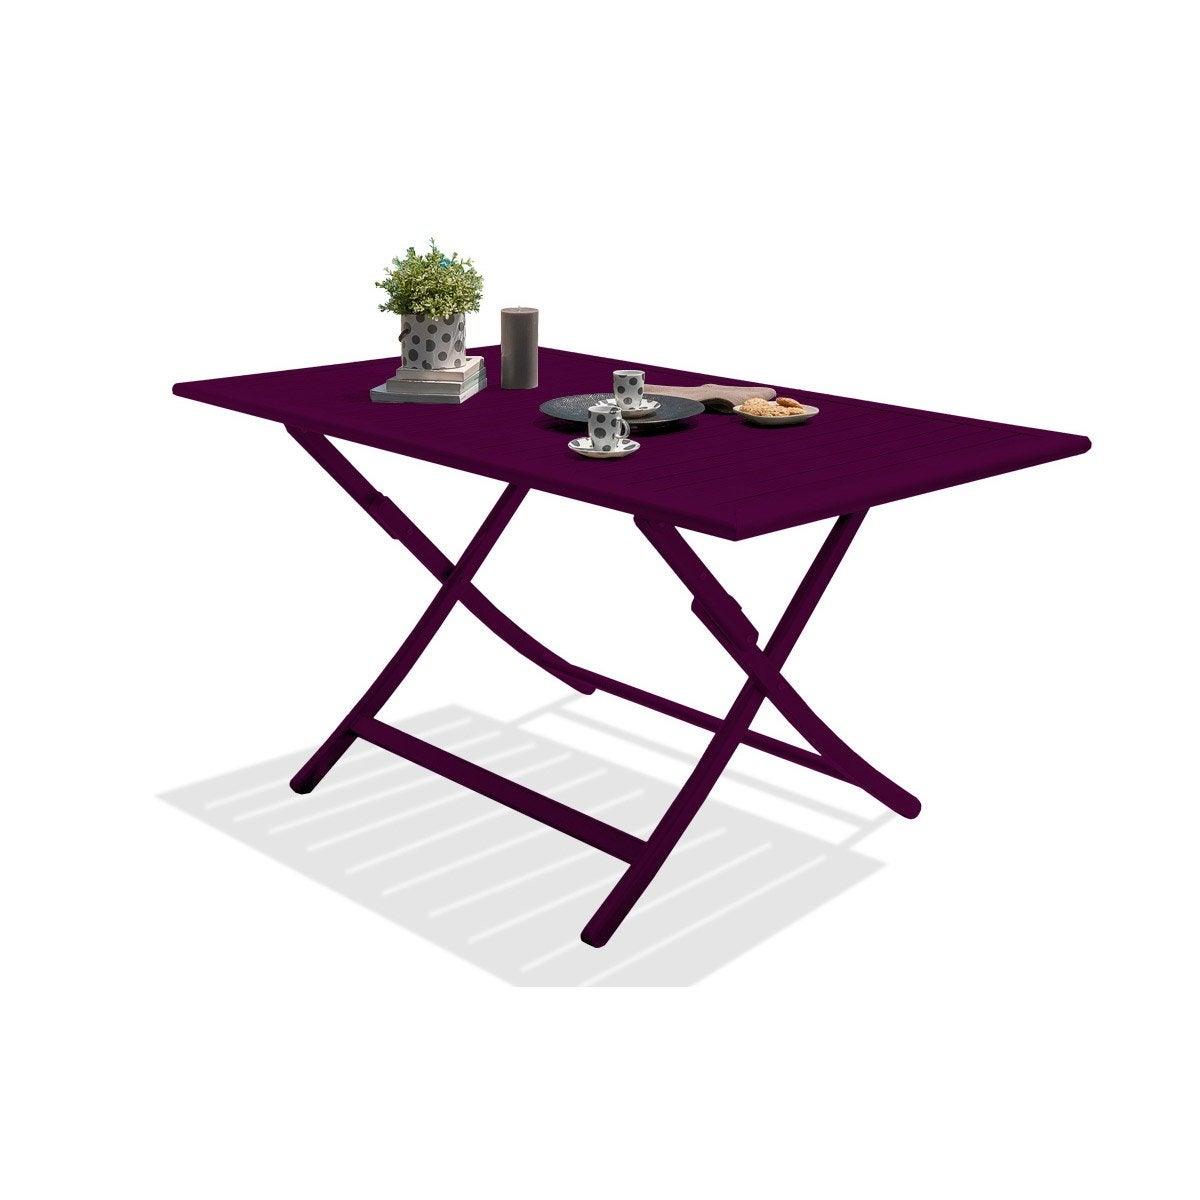 Table Basse De Jardin Unique Table De Jardin De Repas Marius Rectangulaire Aubergine 4 6 Of 34 Élégant Table Basse De Jardin